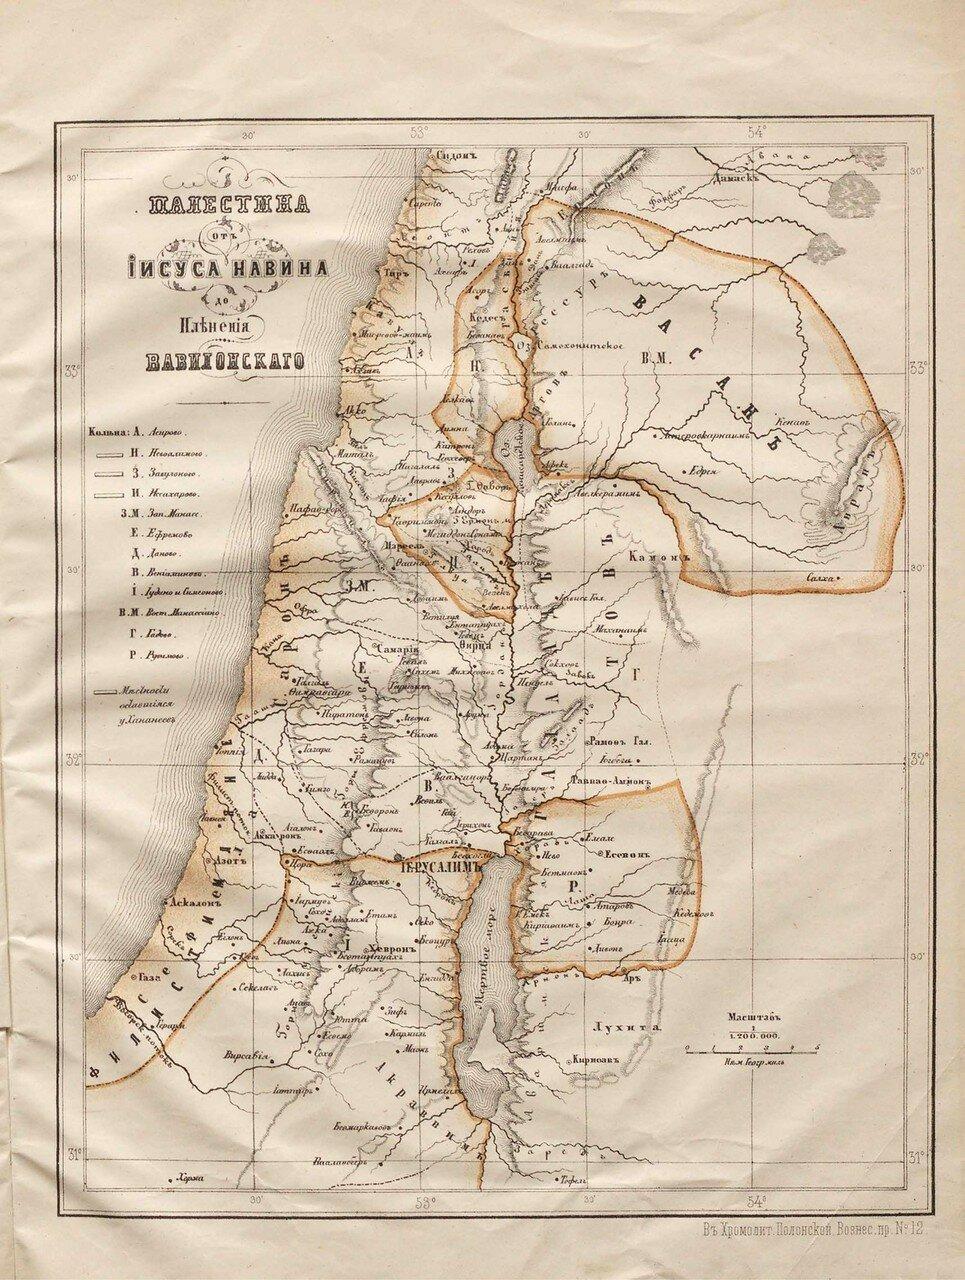 04. Палестина от Иисуса Навина до Пленения Вавилонского